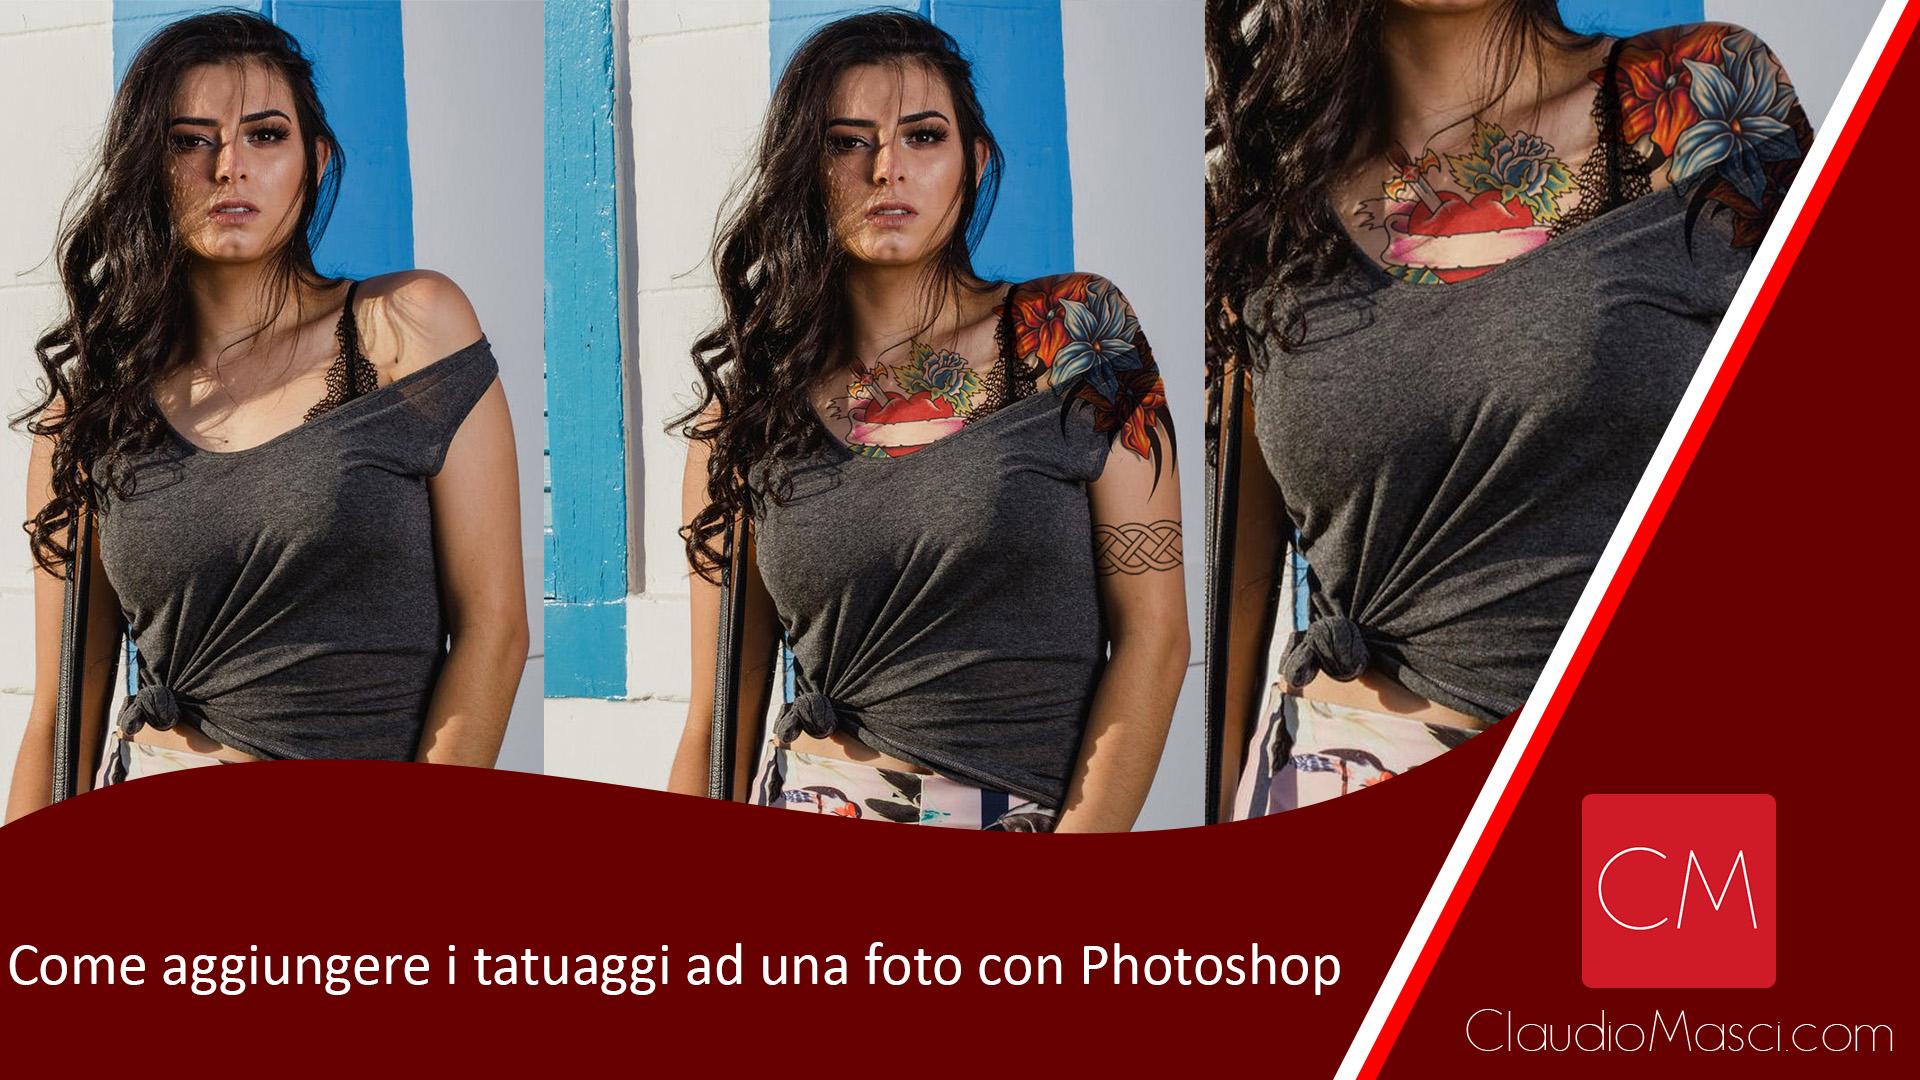 Come aggiungere i tatuaggi ad una foto con Photoshop